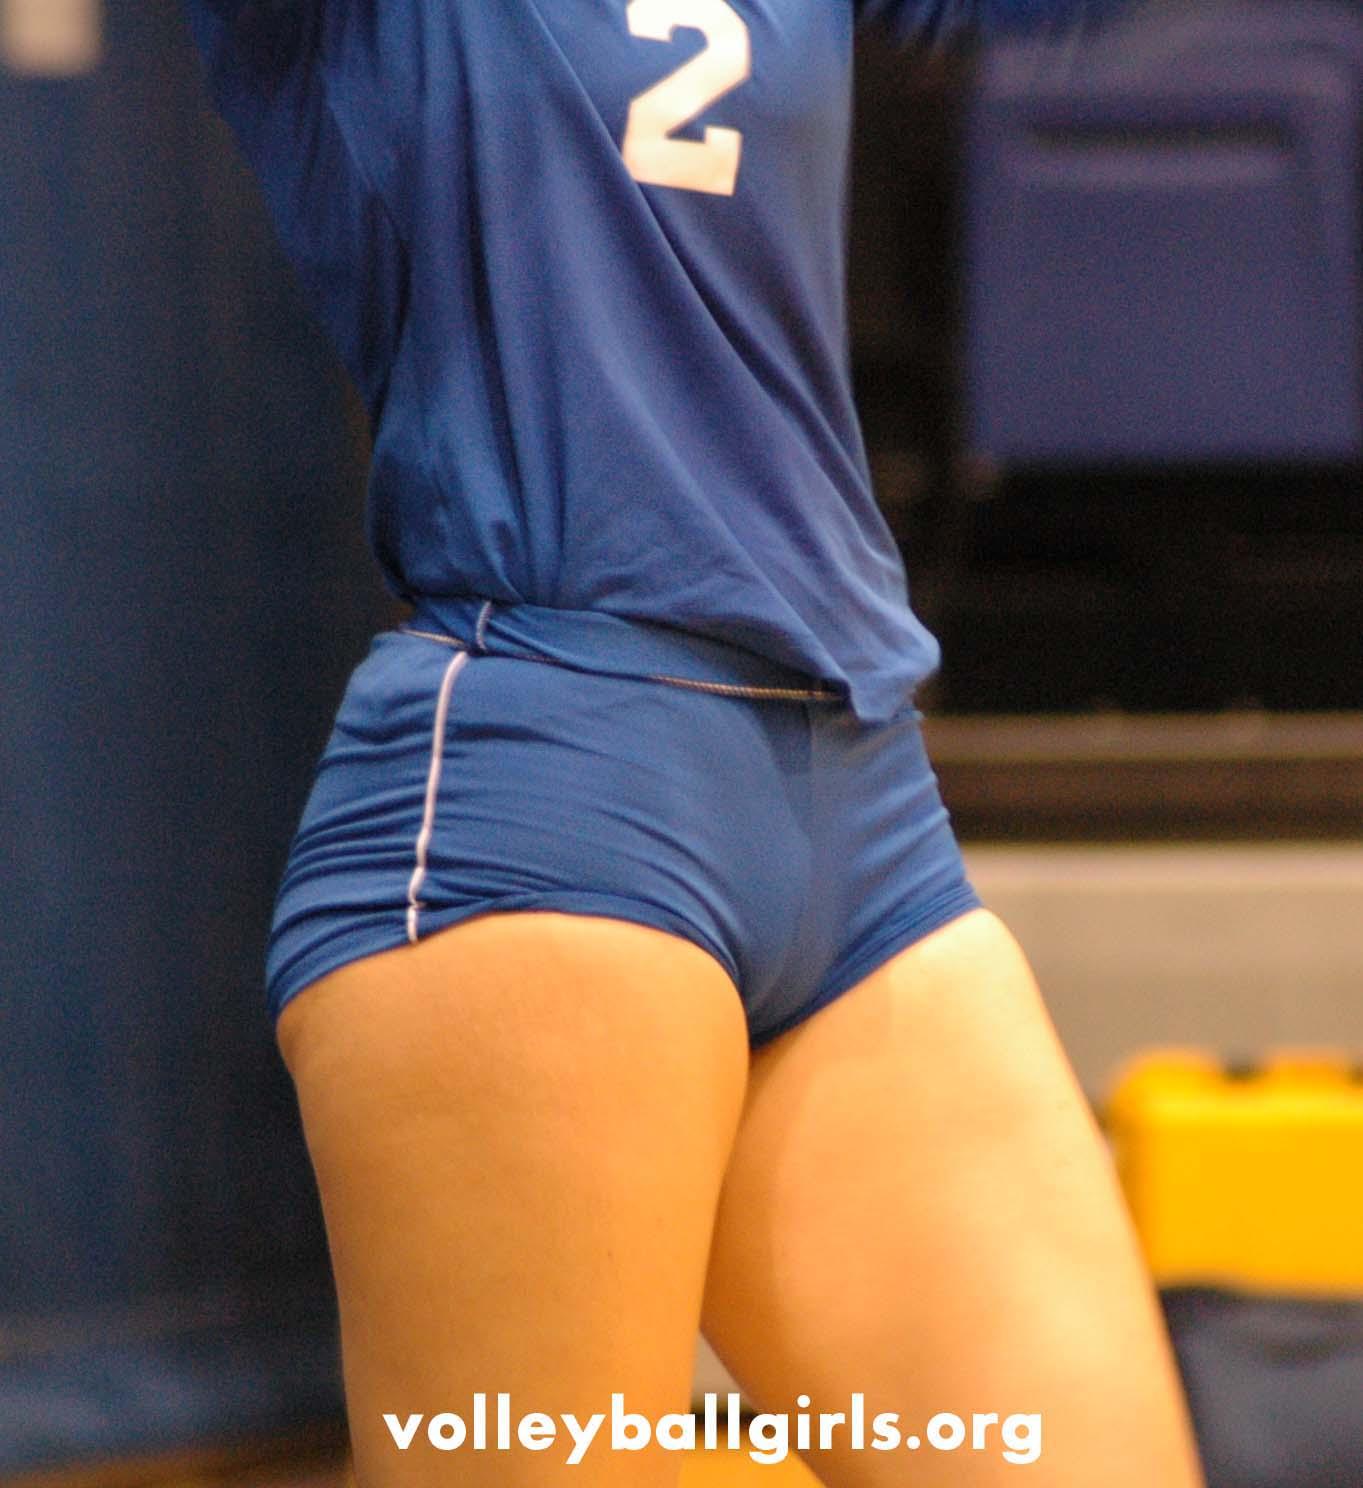 Volleyball spandex voyeur foto